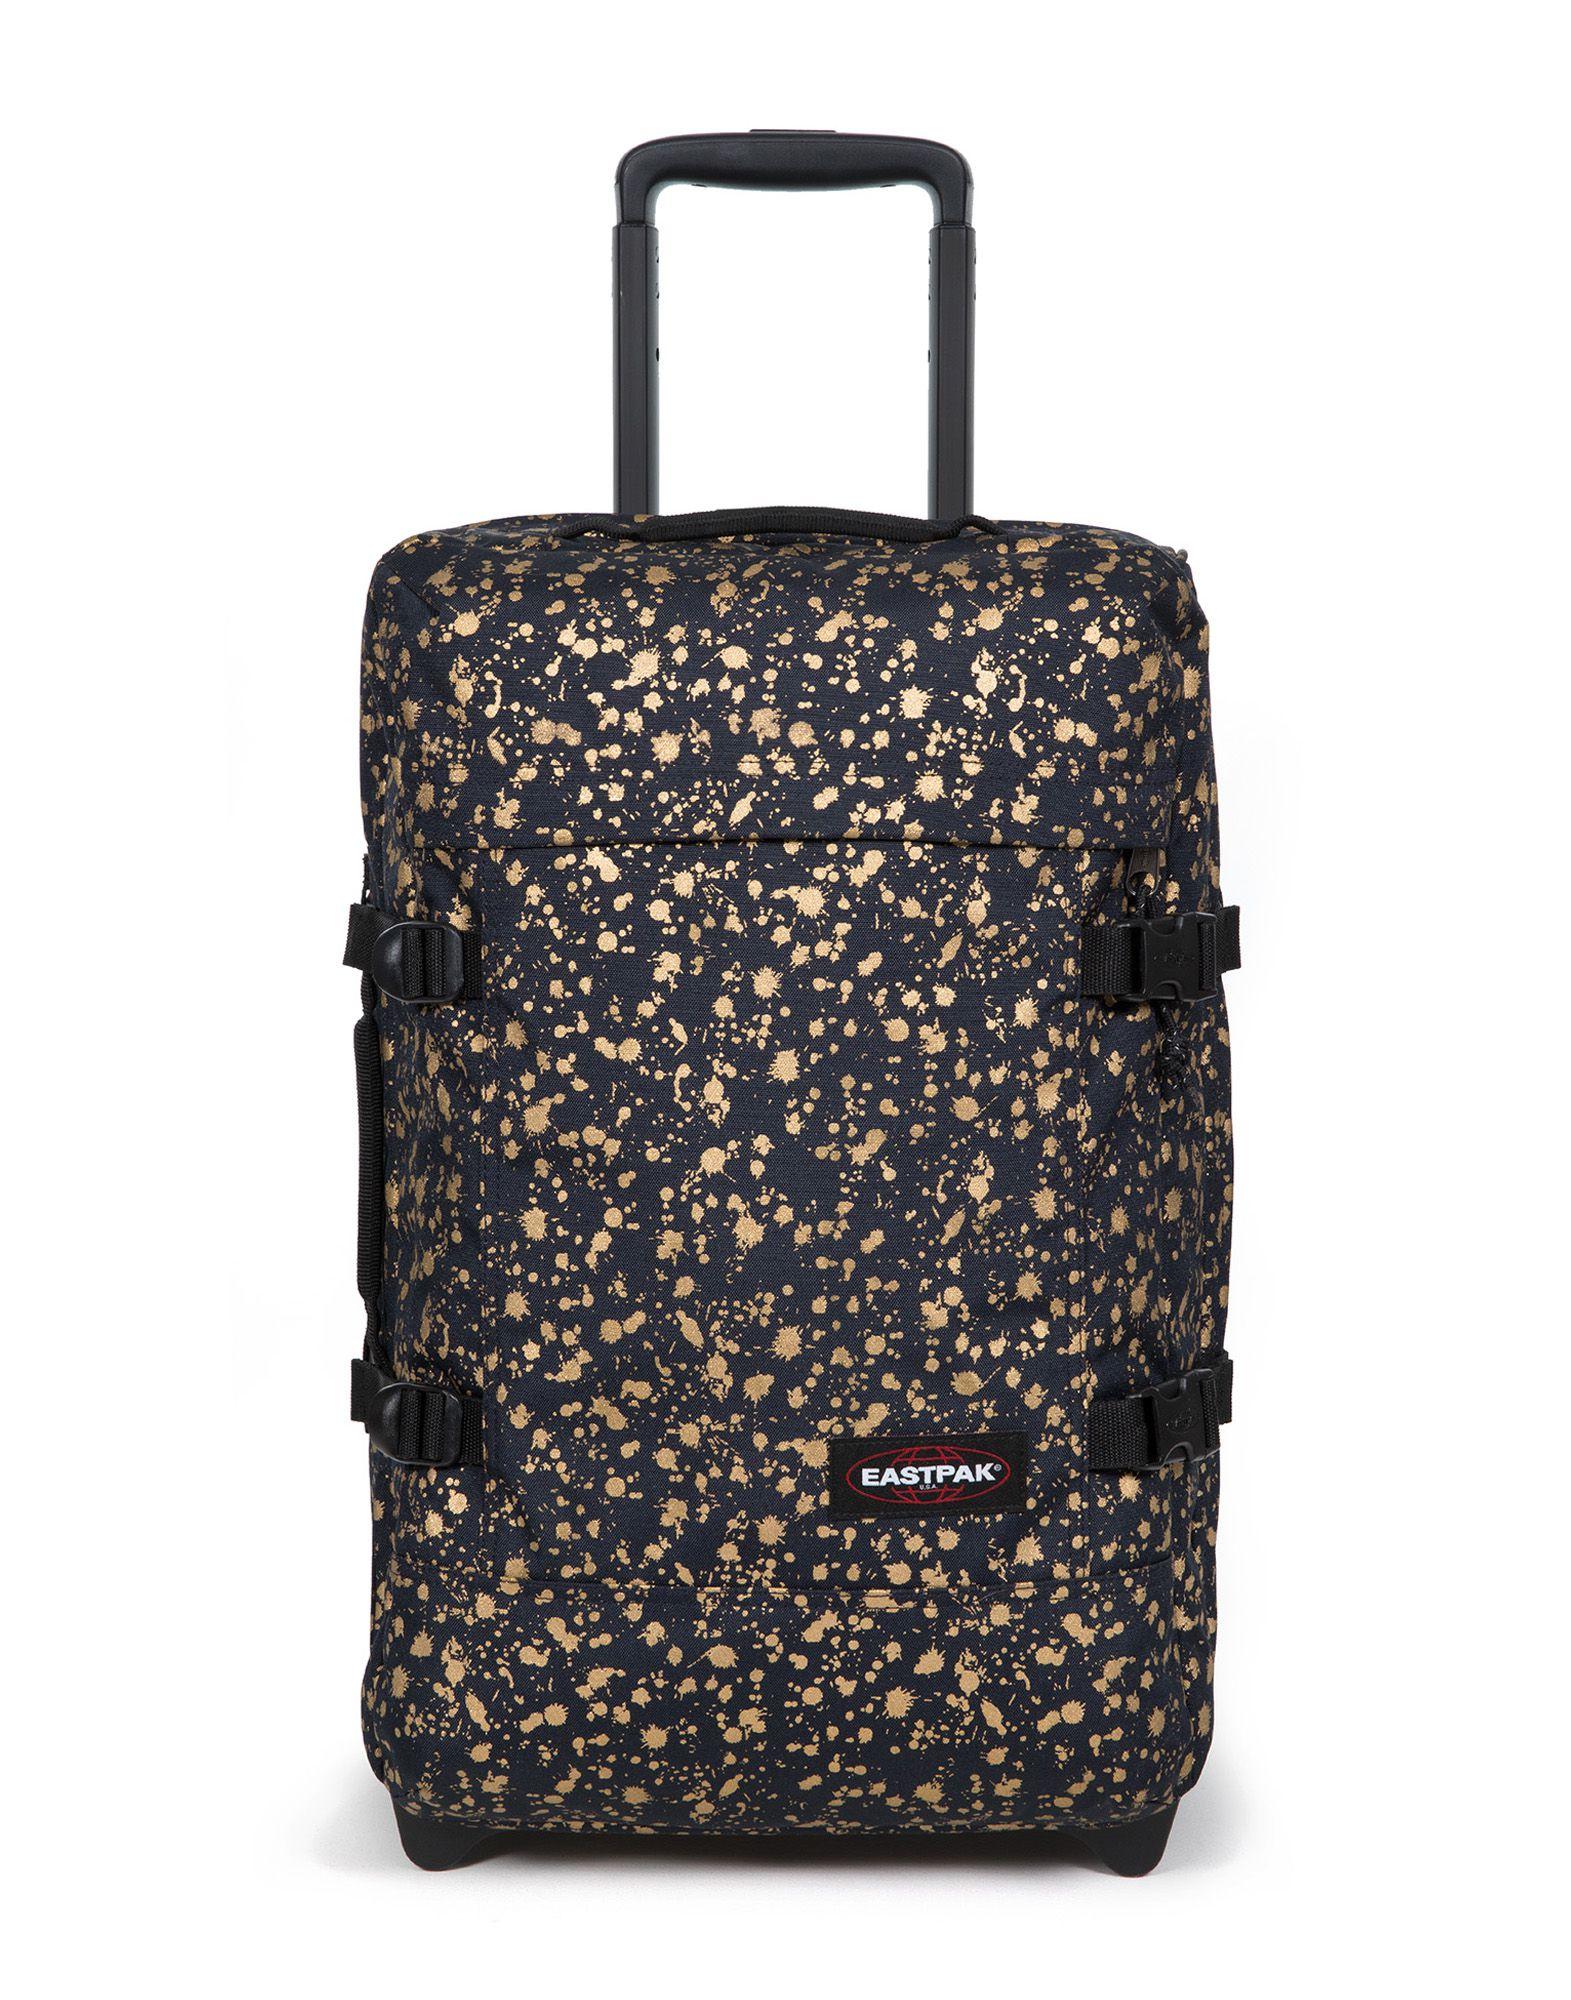 EASTPAK Чемодан/сумка на колесиках стойка для одежды artmoon toronto двойная с боковыми выдвижными штангами на колесиках